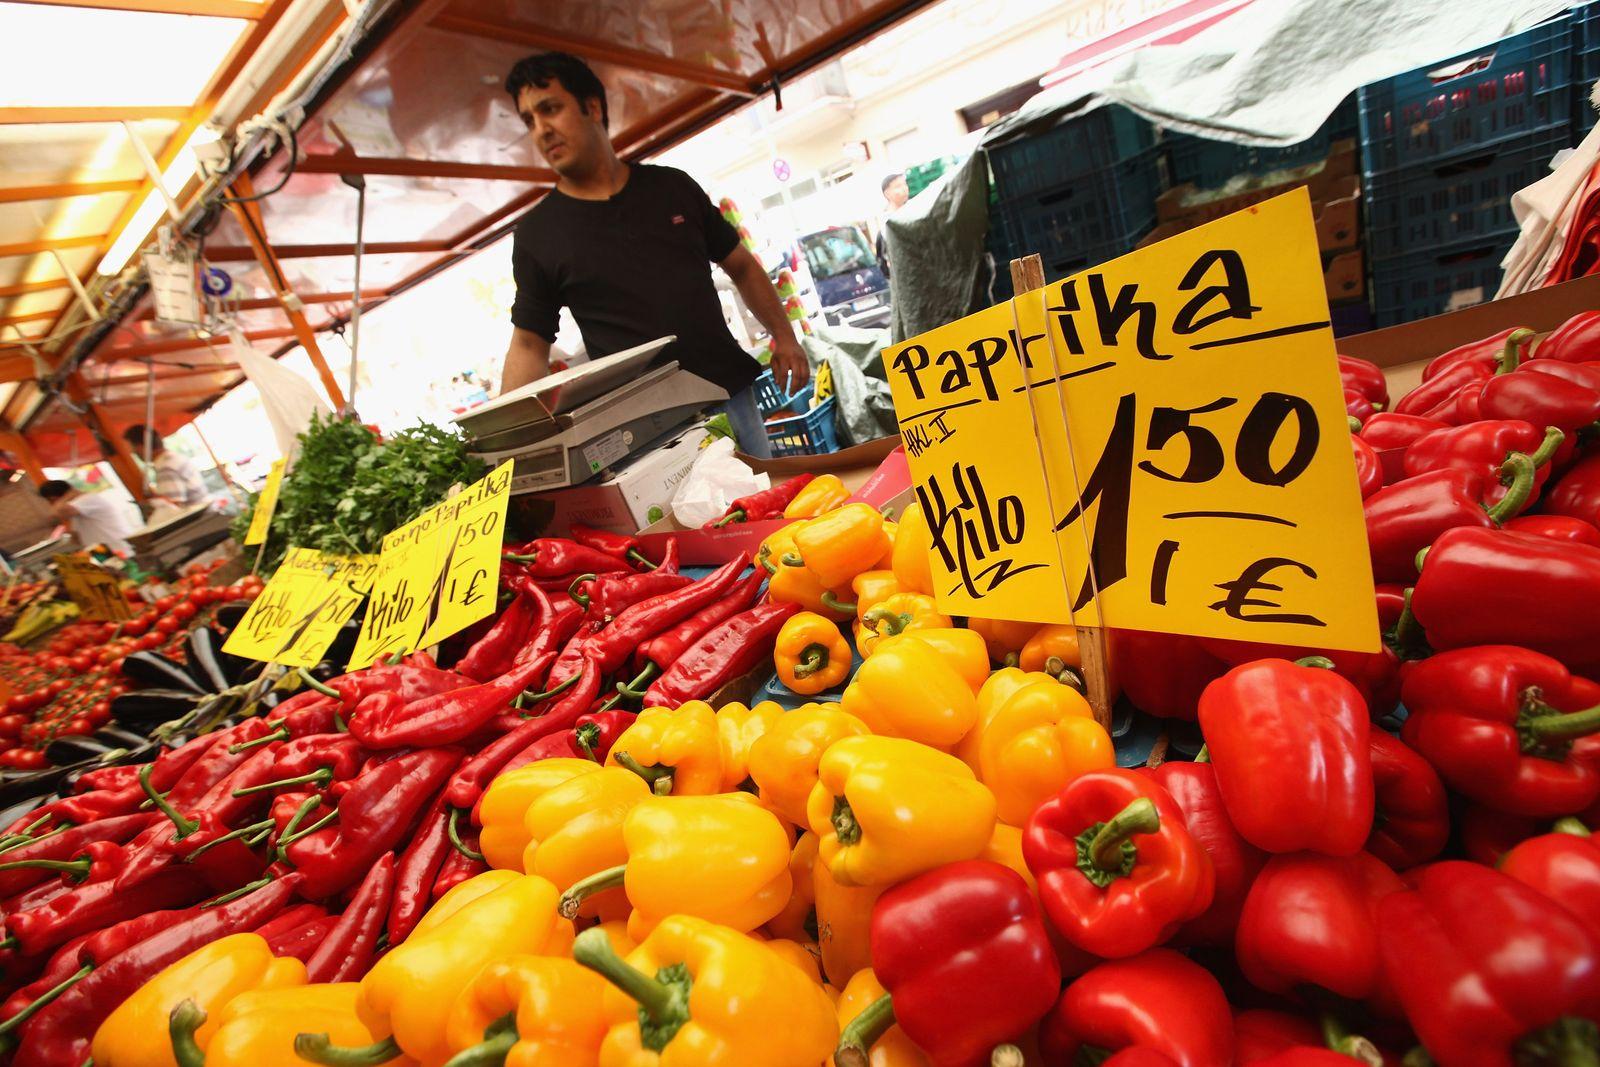 Lebensmittel / Supermarkt / Preis / preisschilder / Preisschild / Preise / Inflation